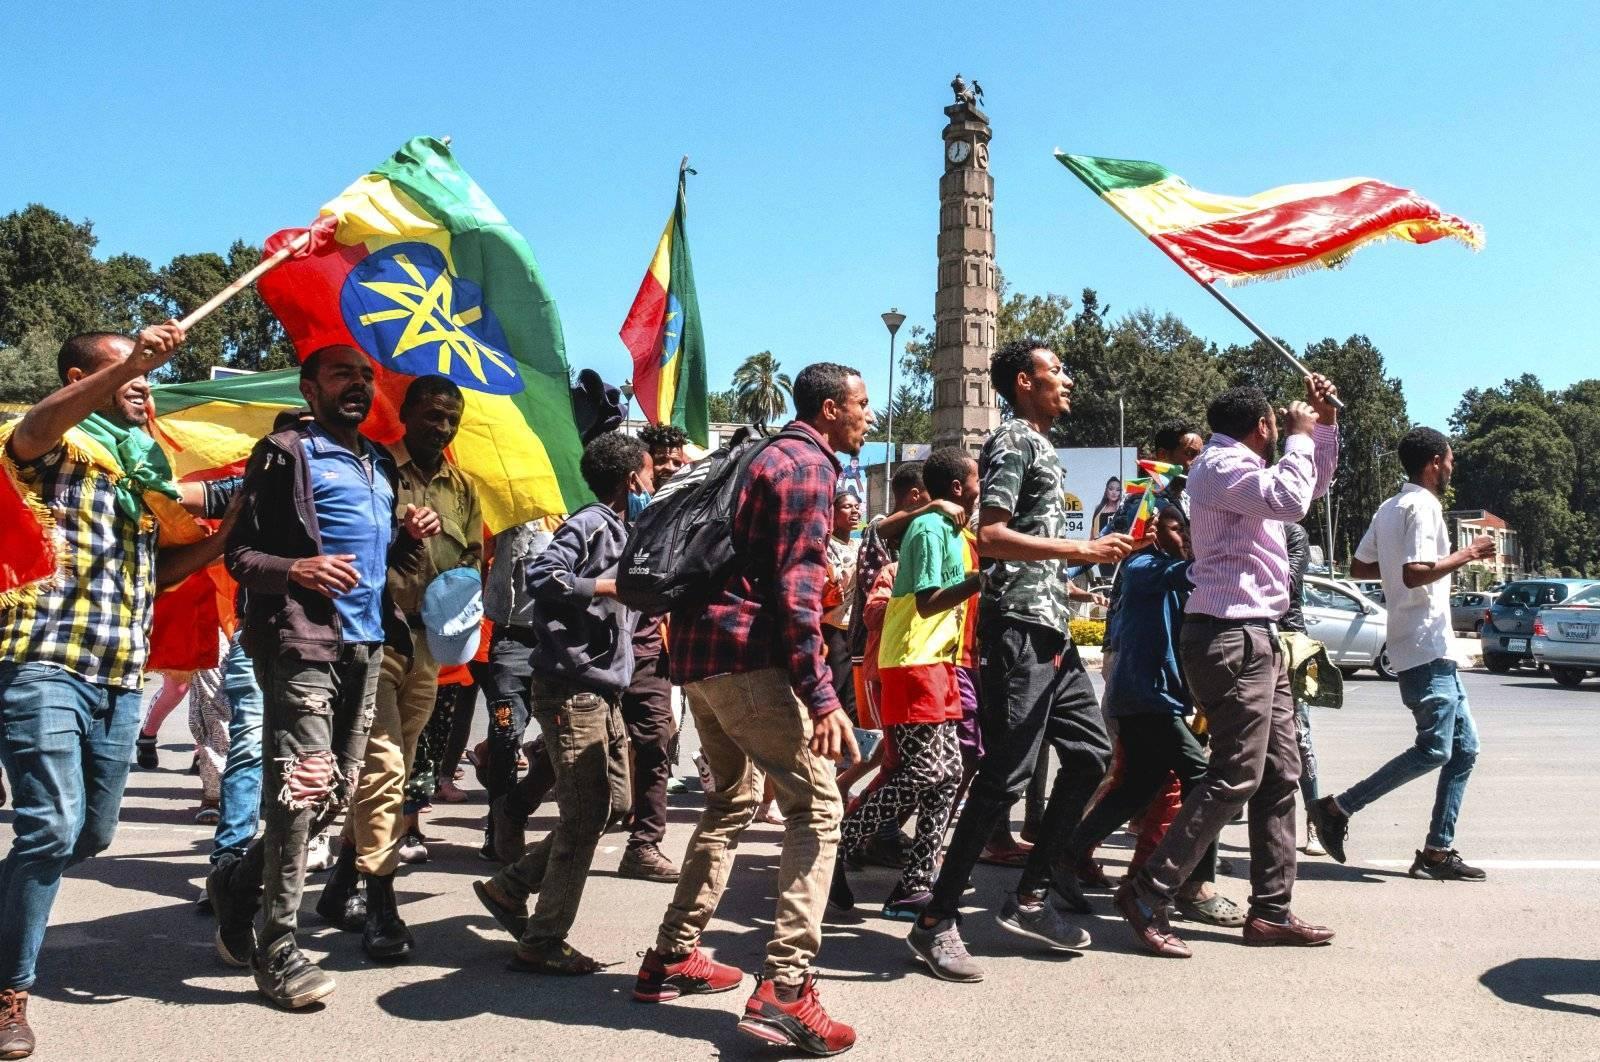 Etiopia a intrat în anul 2014! Cum a sărbătorit țara